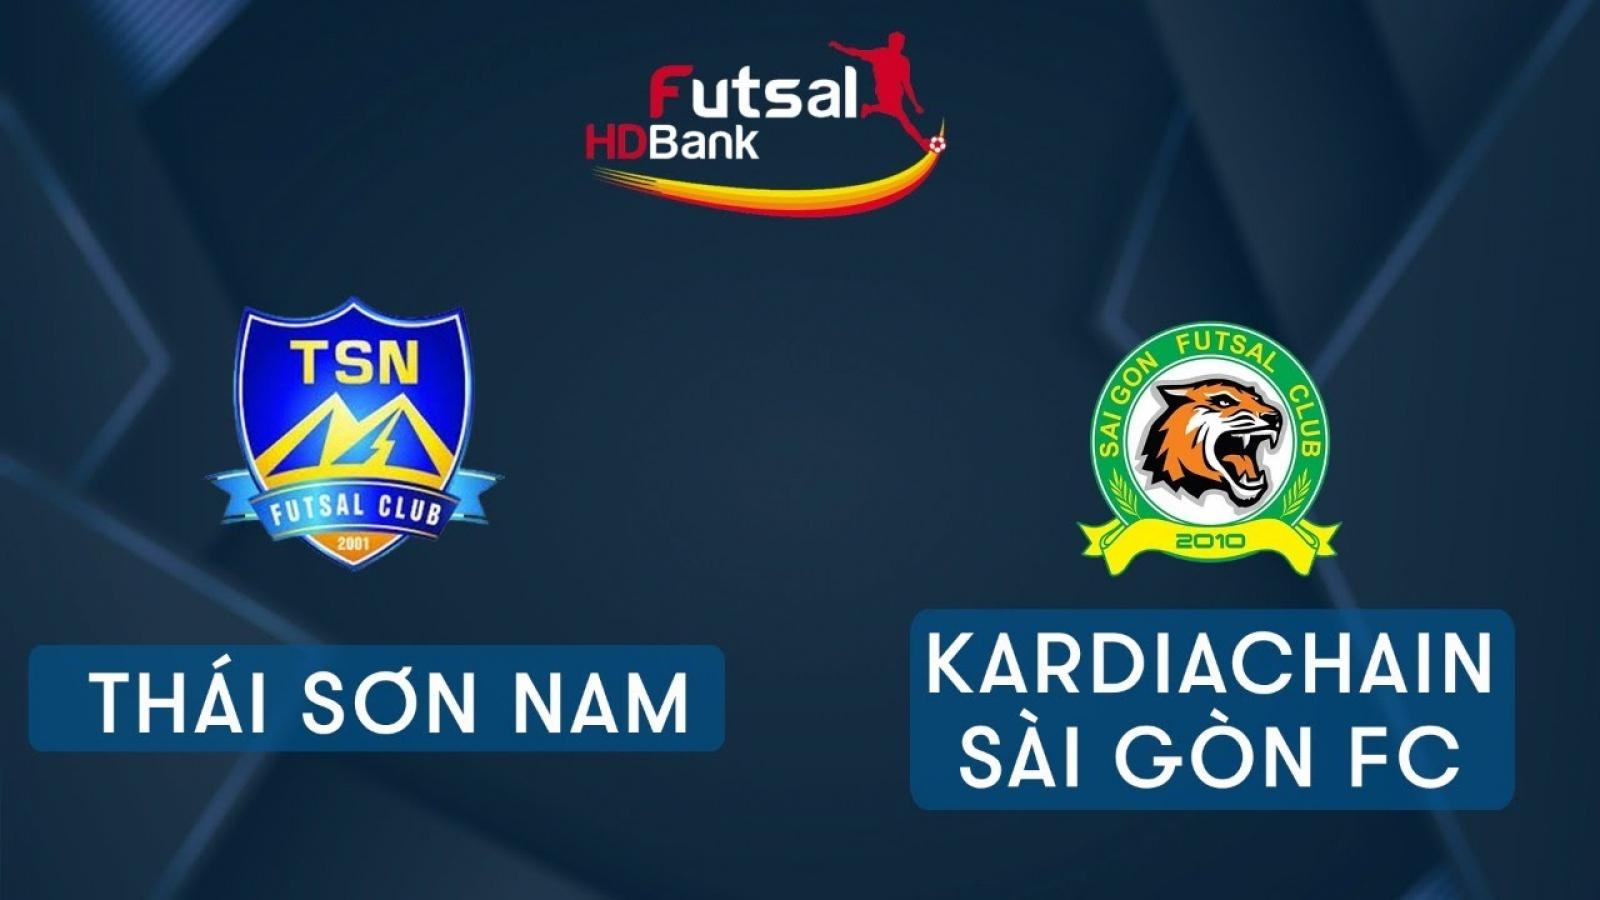 Xem trực tiếp Futsal HDBank VĐQG 2020: Thái Sơn Nam Vs Kardiachain Sài Gòn FC